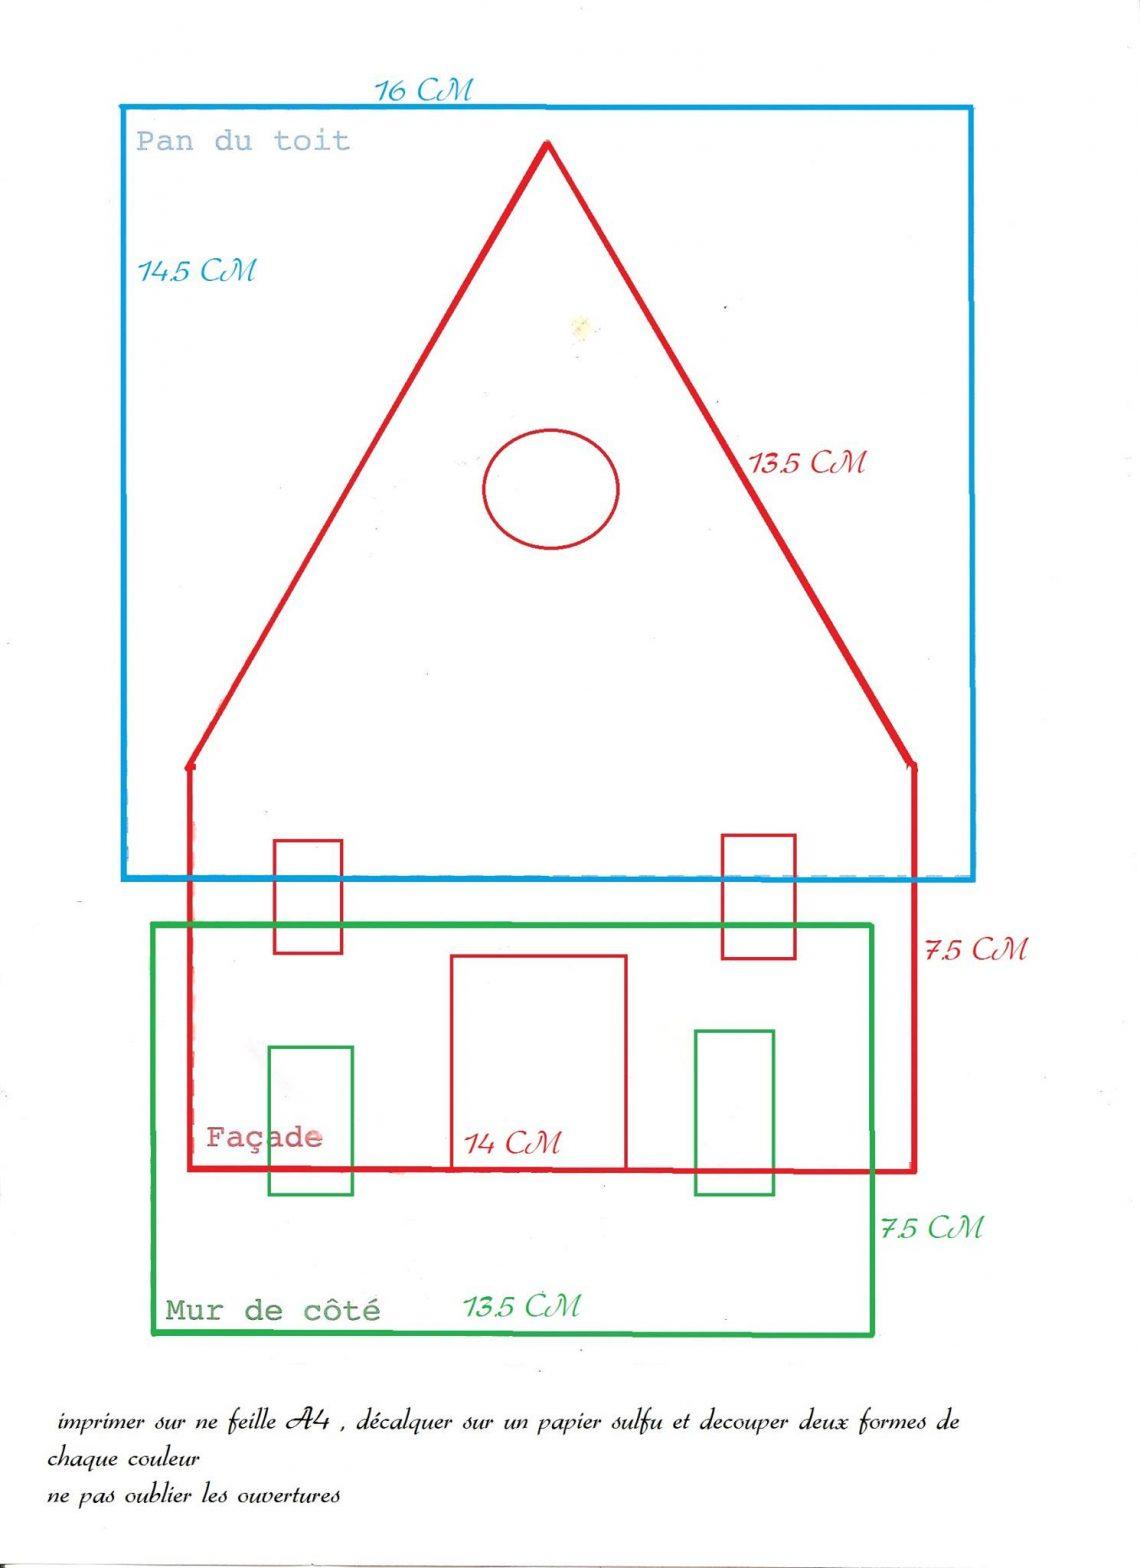 Maison De Pain D'épices - Thermomix En Famille encequiconcerne Patron De Maison En Papier A Imprimer